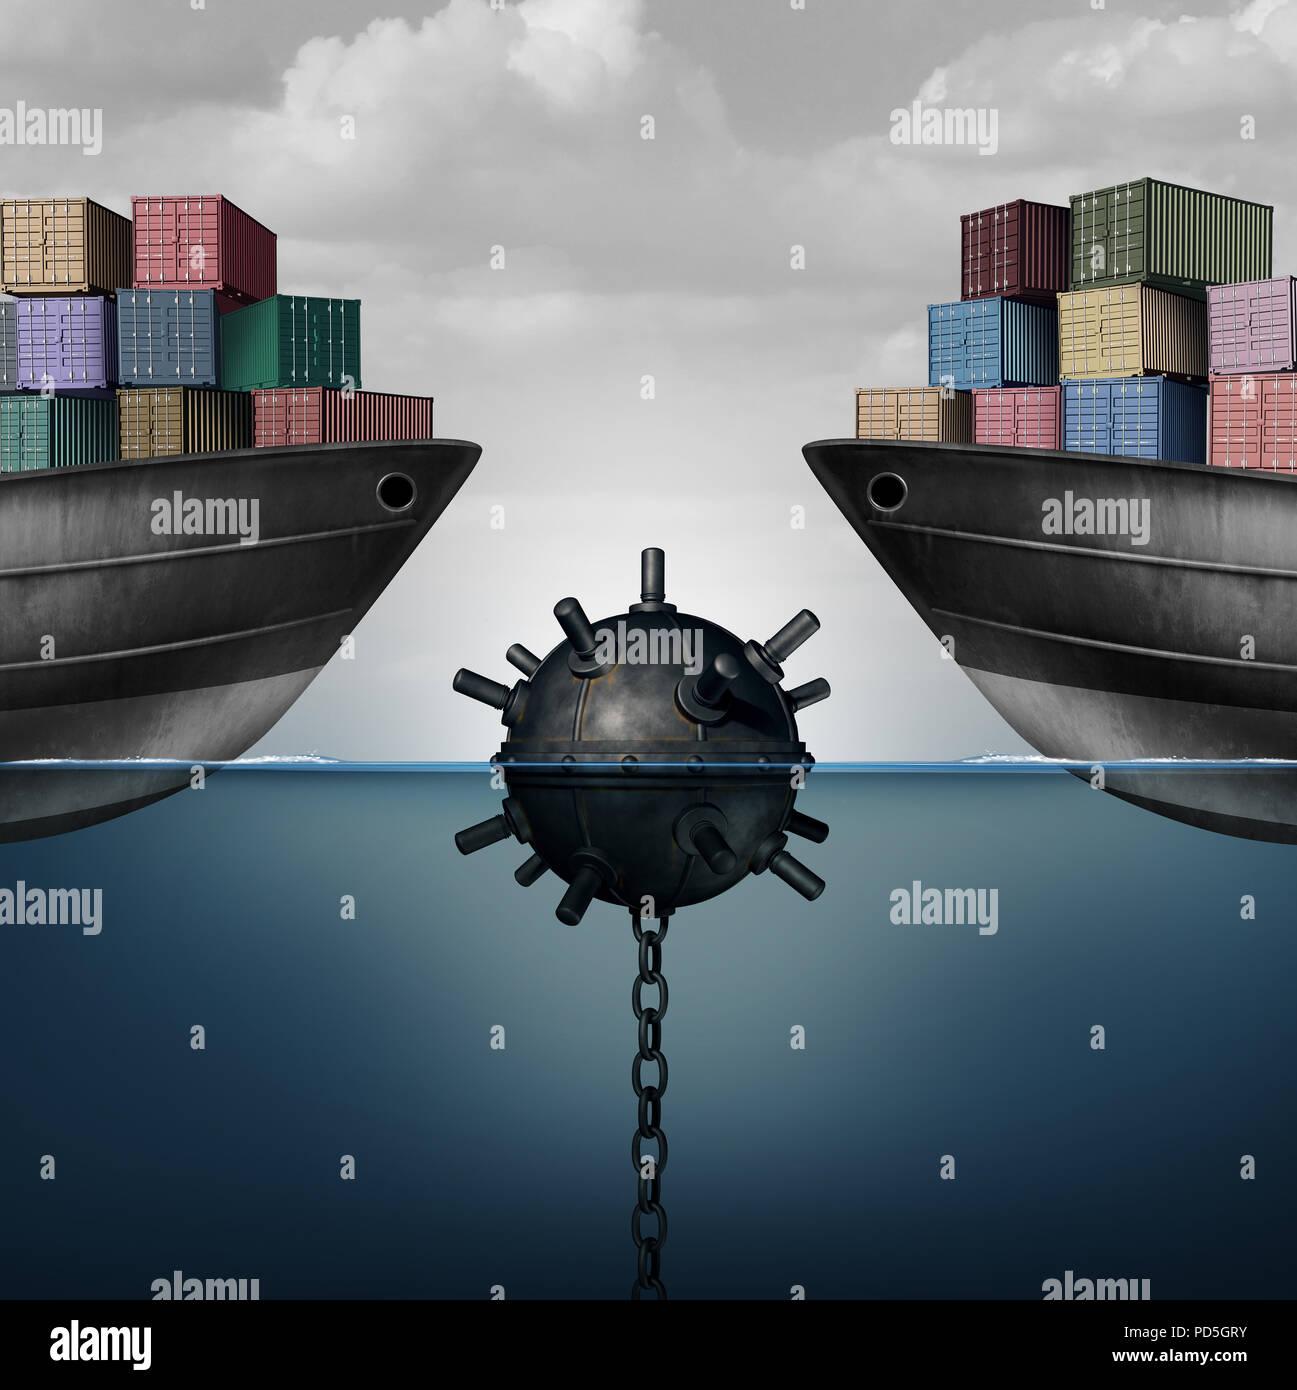 Peligro la actividad empresarial como una mina de mar poniendo en peligro el libre comercio y la política económica como una economía global corporativa desafío debido a la directiva. Imagen De Stock